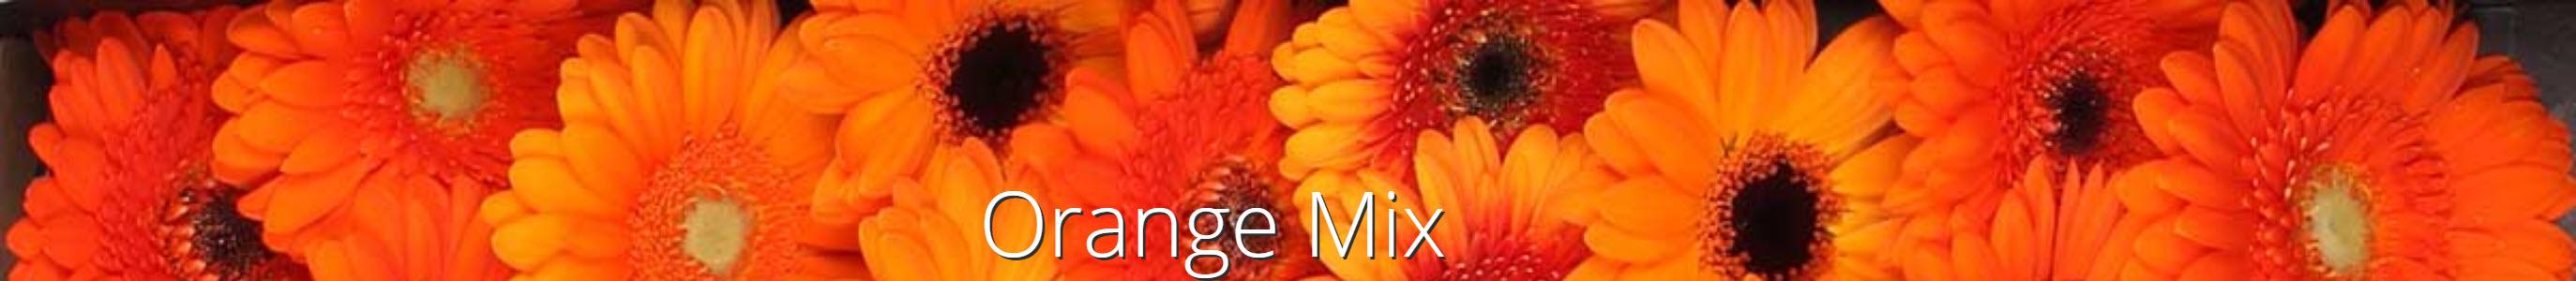 orangemix jacoudijk